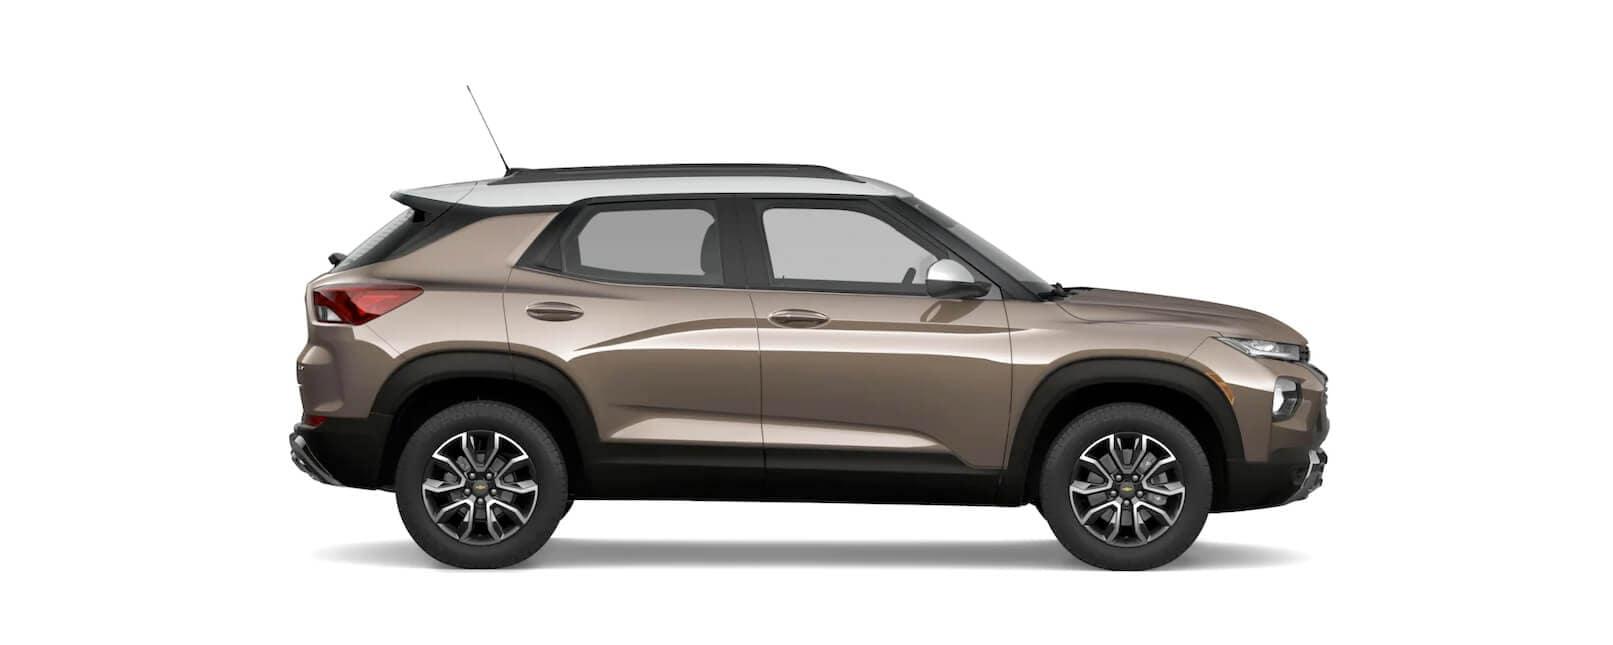 New Chevrolet Vehicles 2022 Trailblazer